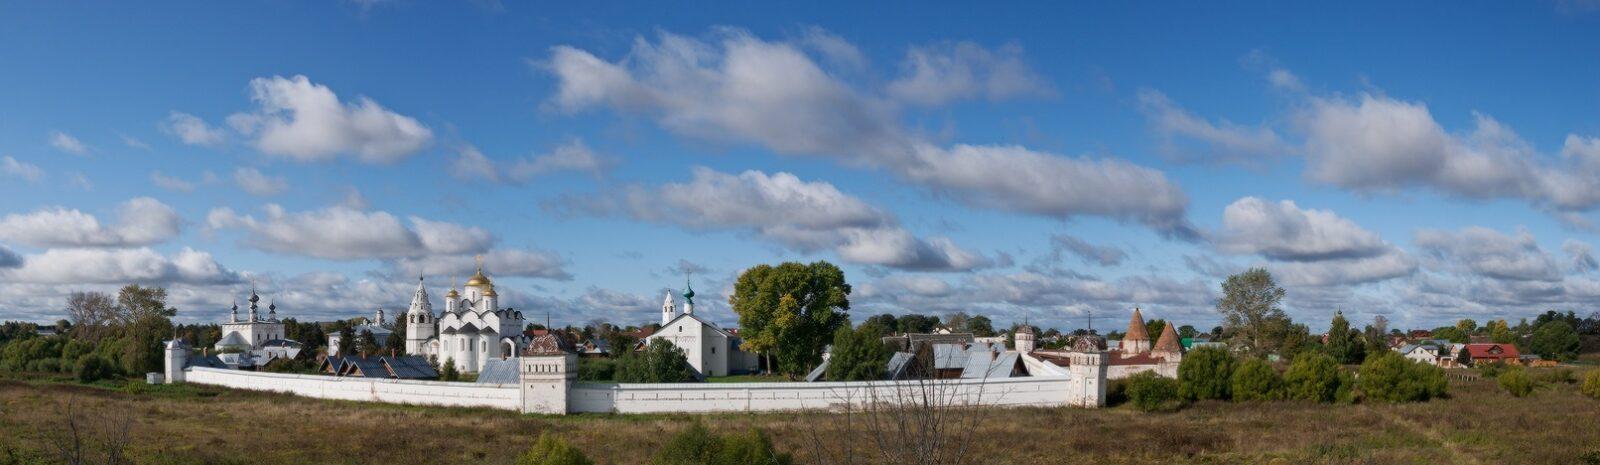 Вид города Суздаль